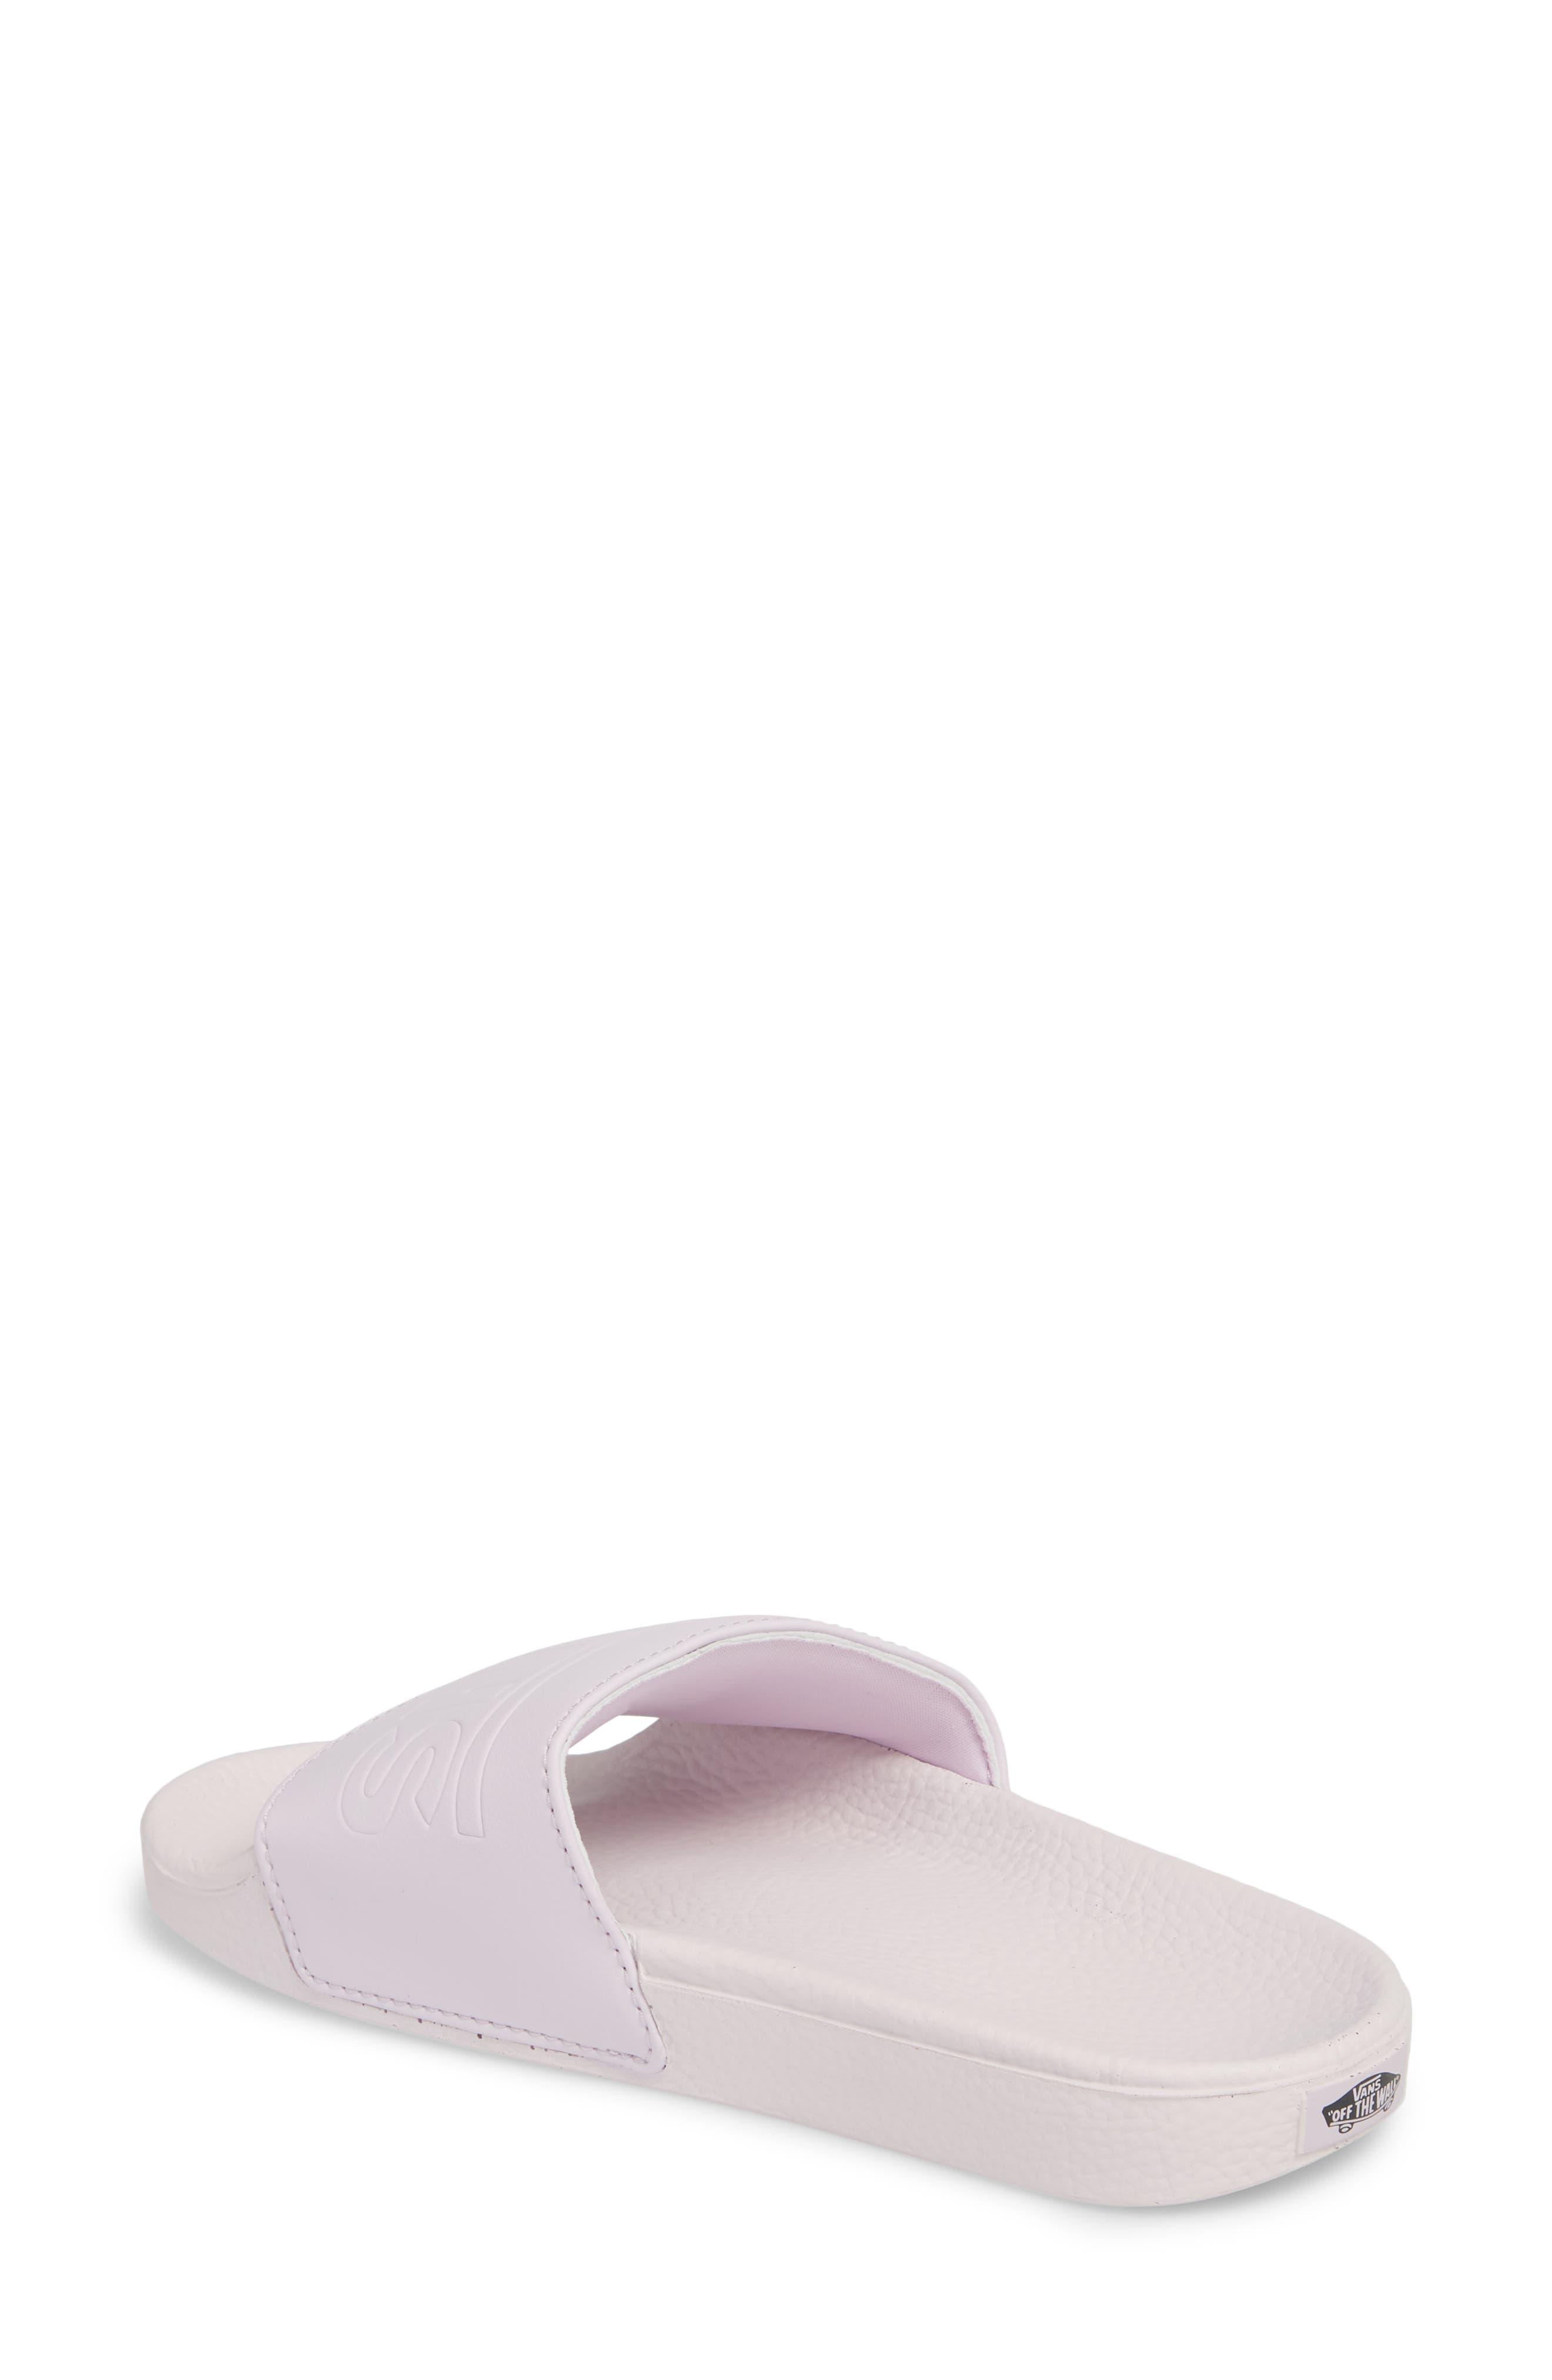 Slide-On Sandal,                             Alternate thumbnail 2, color,                             Lavender Fog